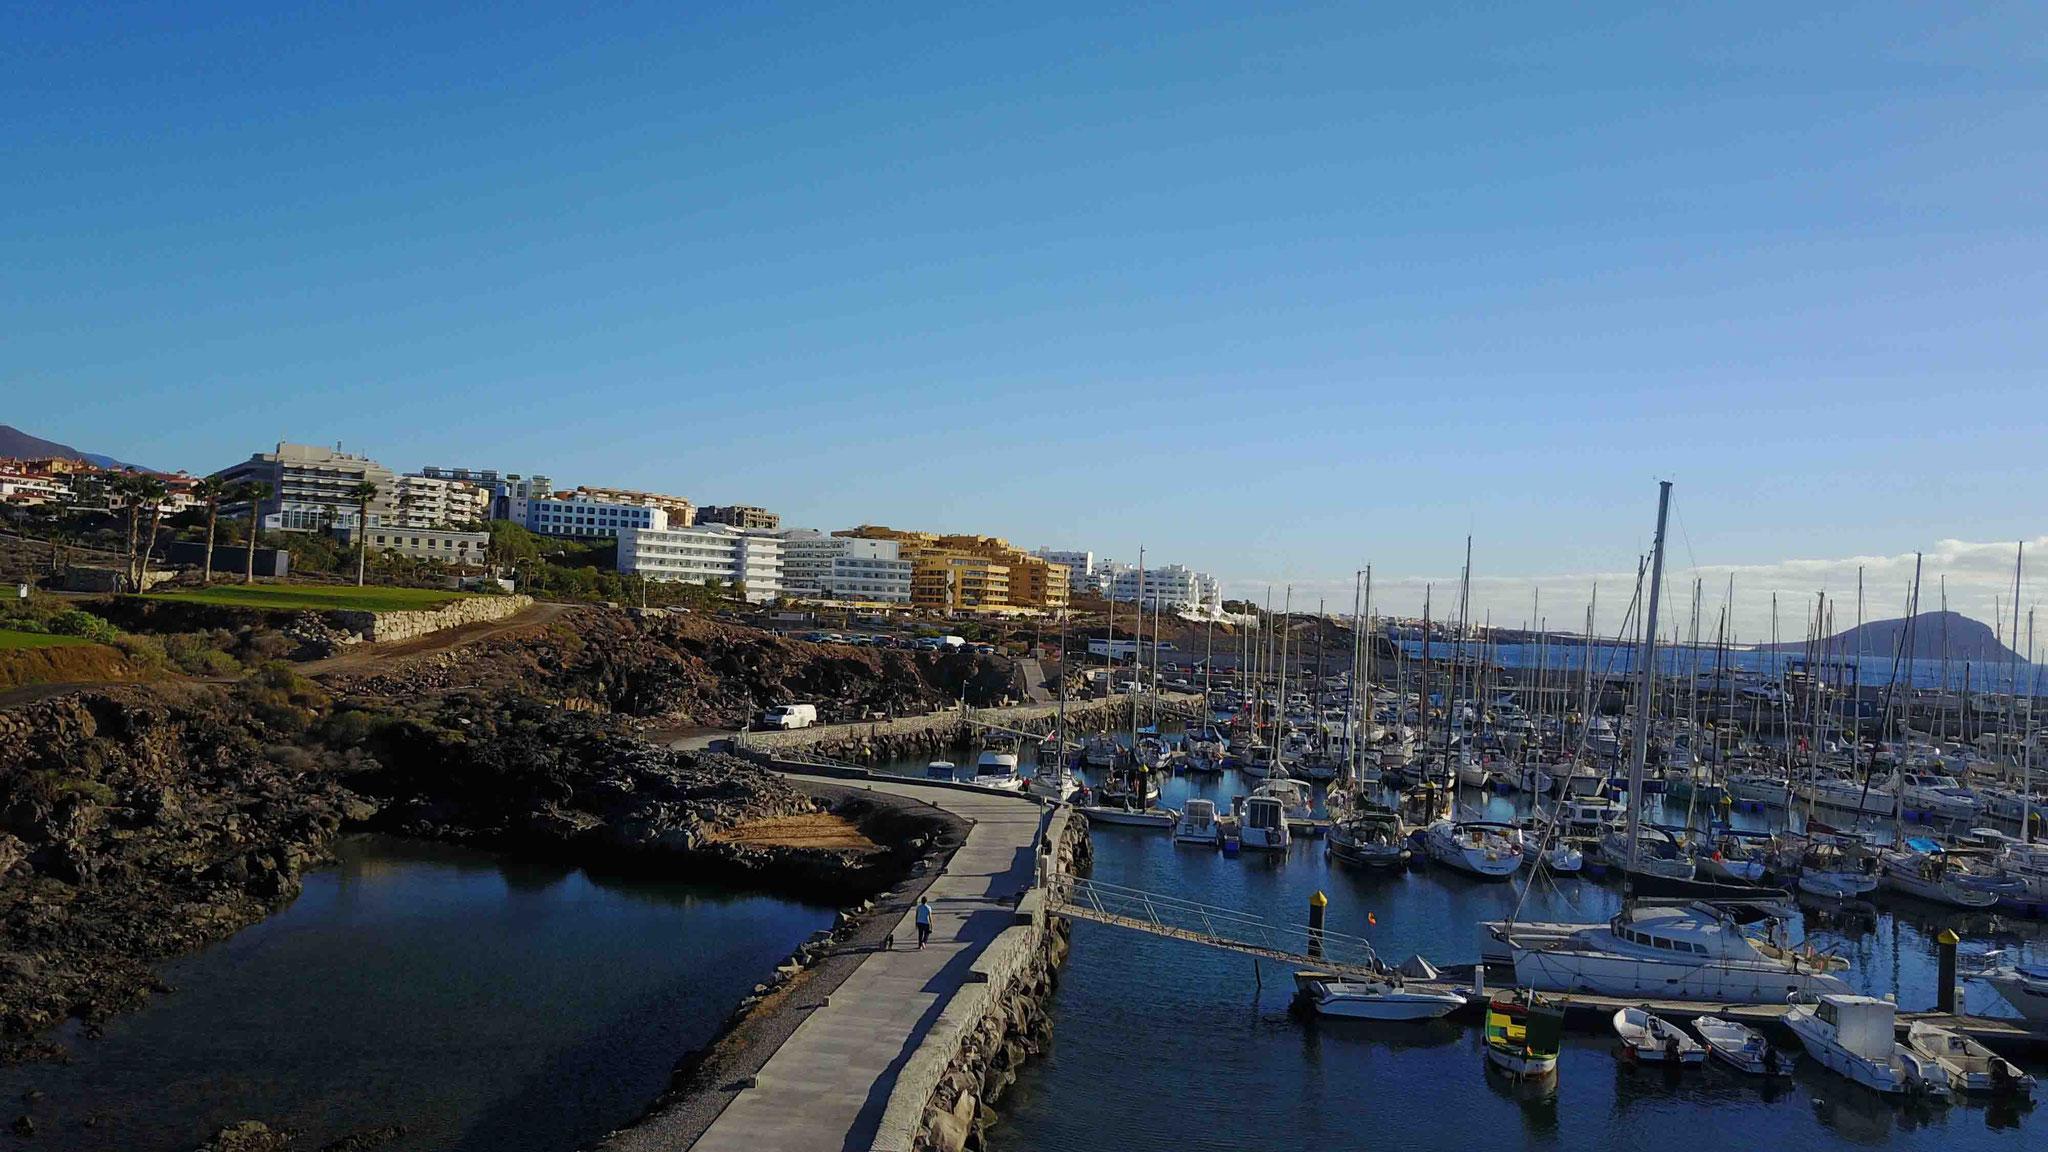 Die verschiendeste Anlegestege von Marina Saint Miguel - Teneriffa